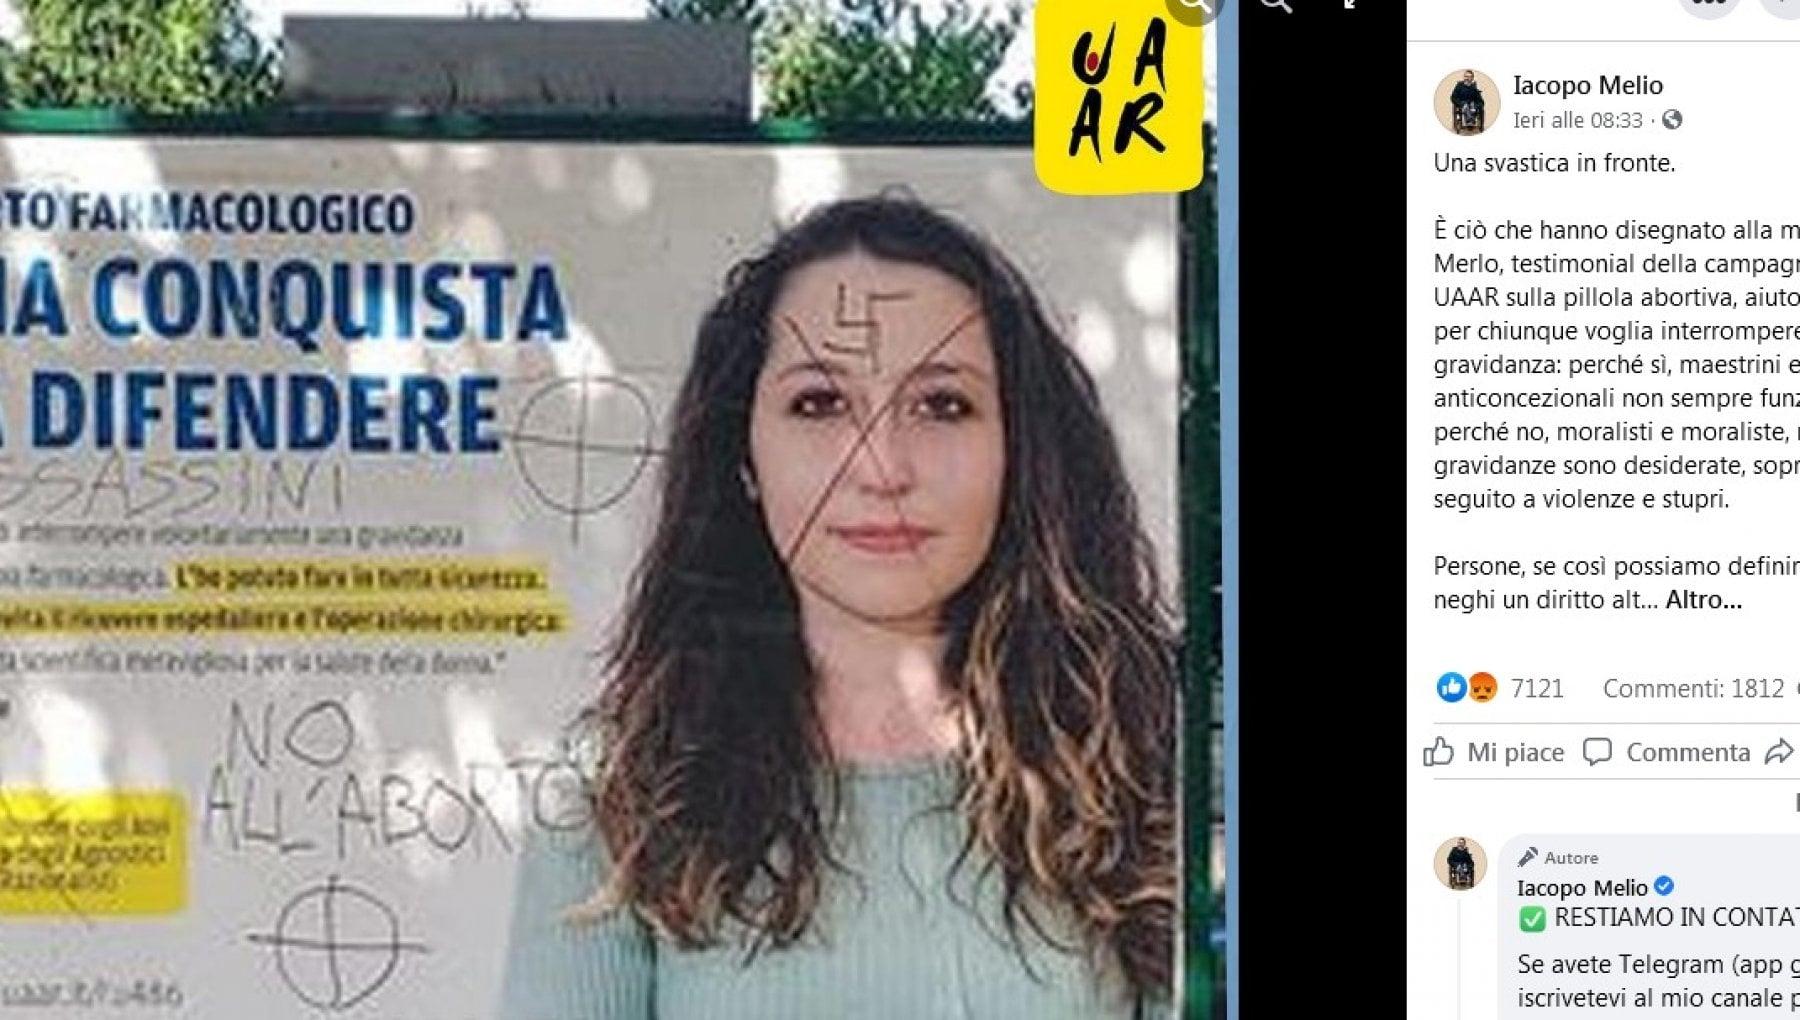 """113717218 73177258 3efb 4e66 9a04 f9c597dedec8 - Iacopo Melio contro gli anti abortisti che disegnano svastiche: """"Assassini siete voi"""""""